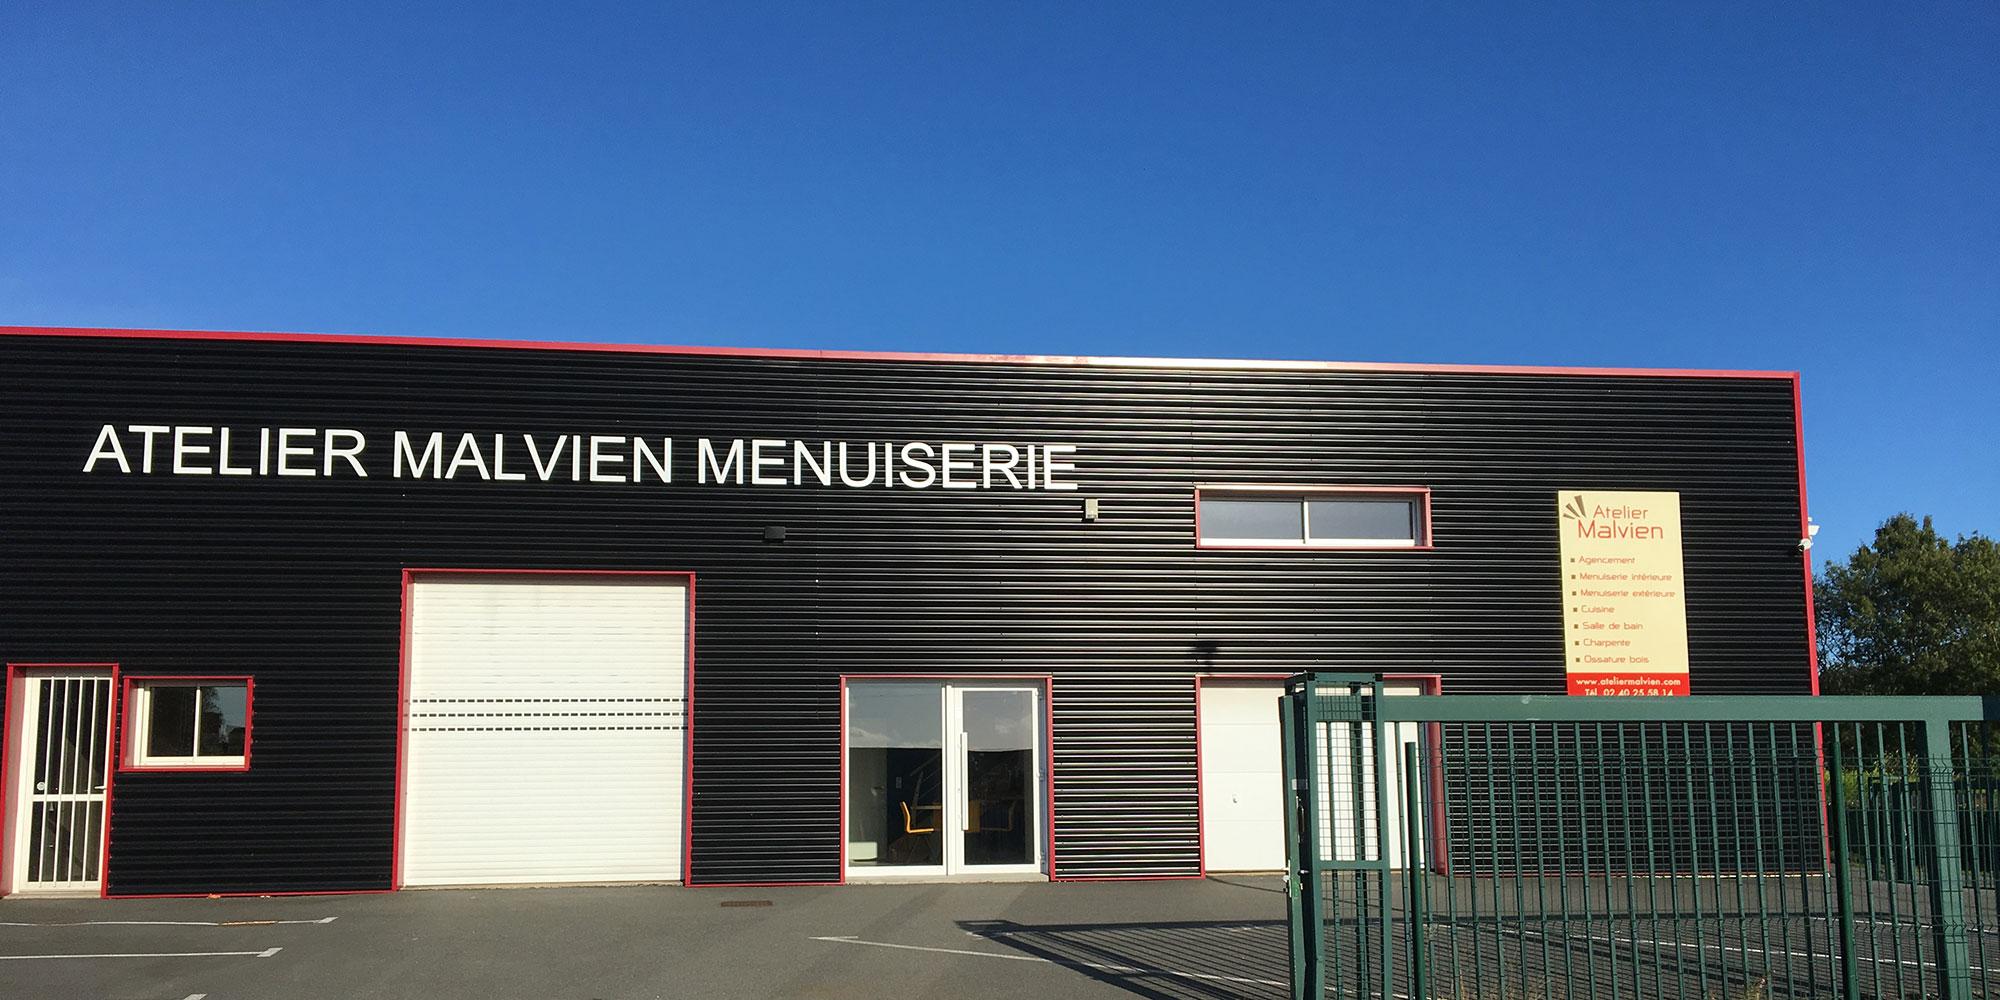 Atelier Malvien